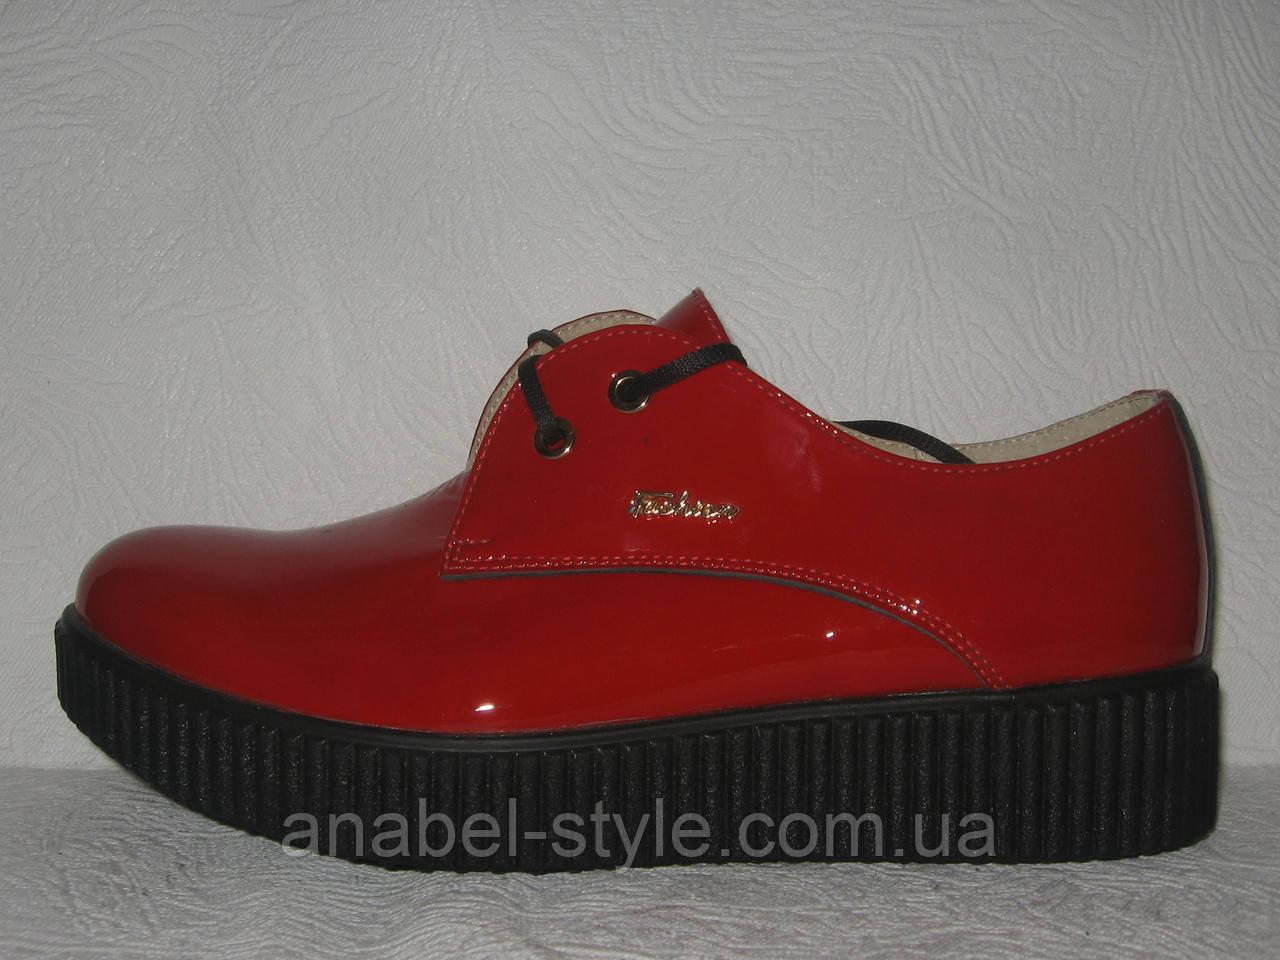 Туфли-оксфорды женские на толстой подошве лаковые красные